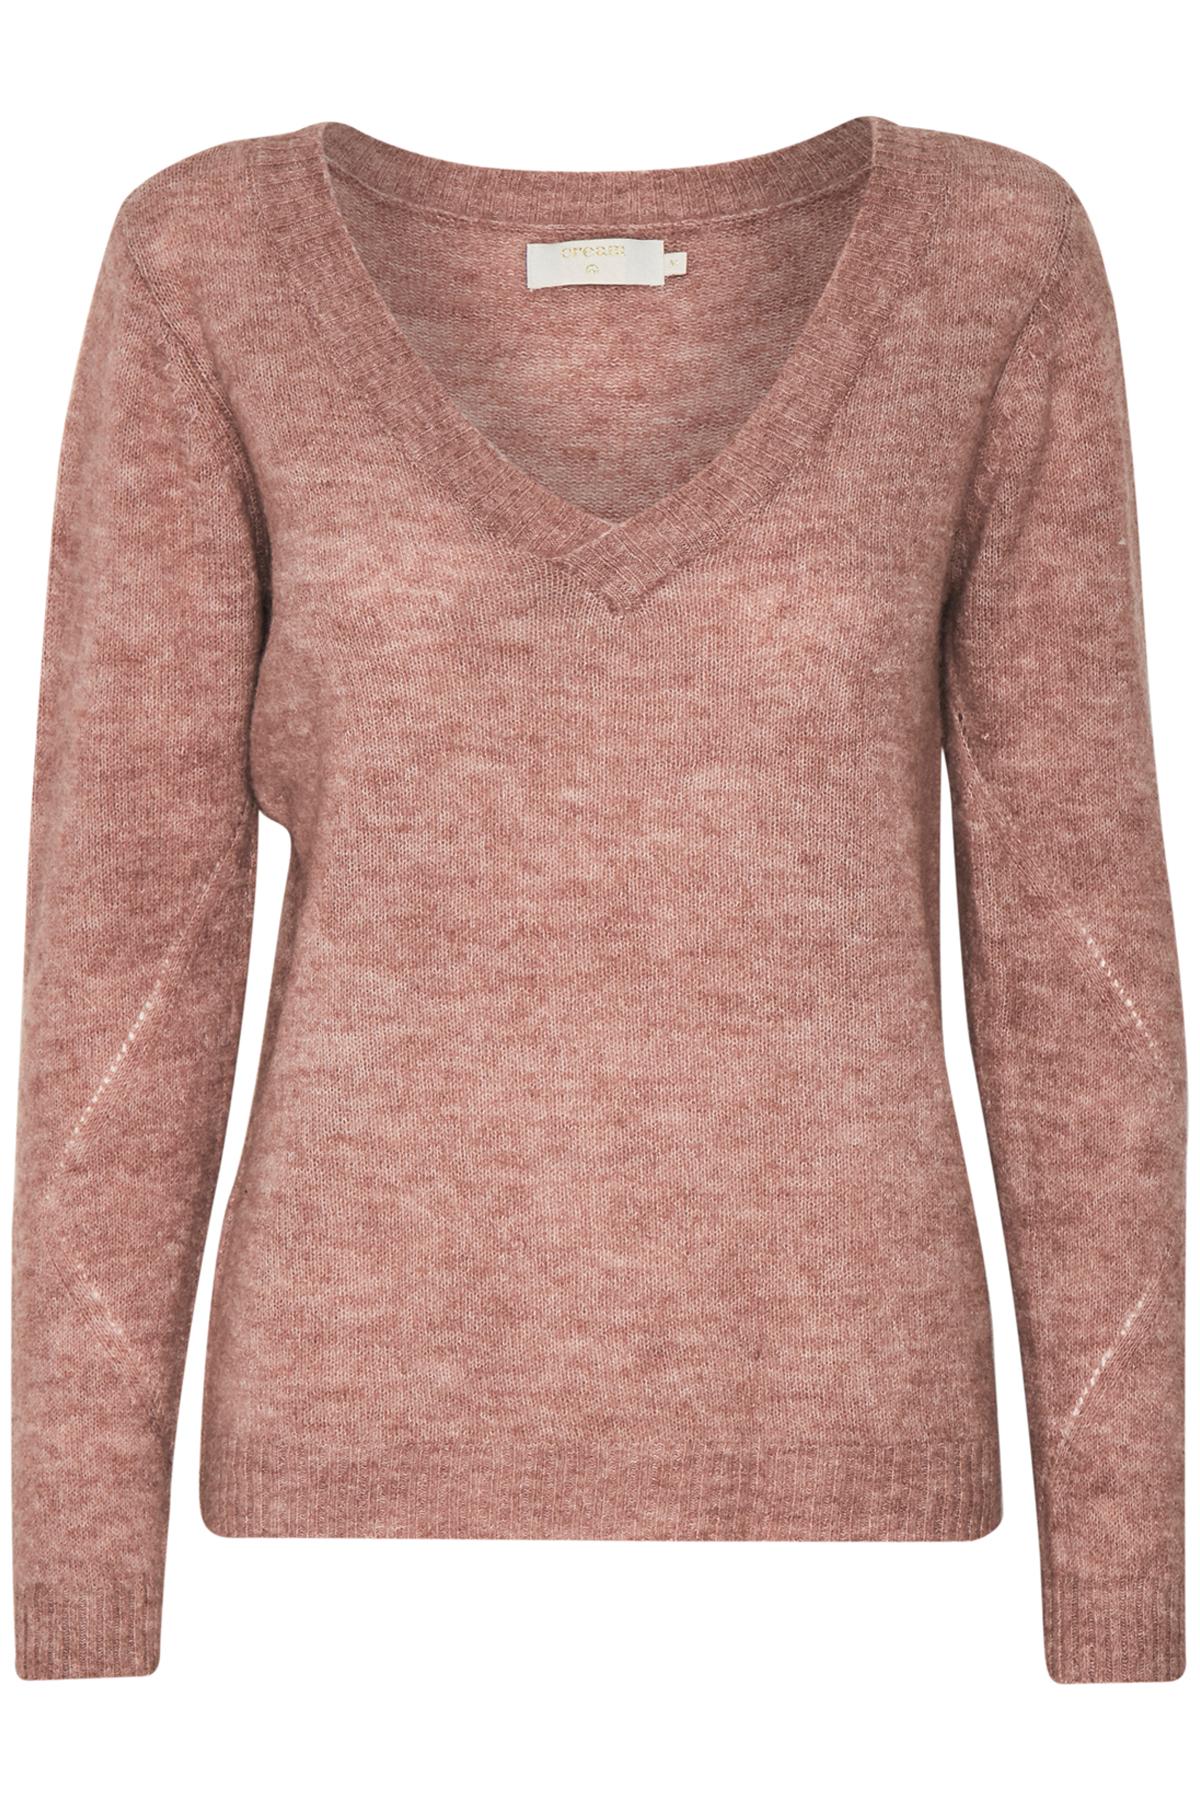 Dimrosa Stickad pullover från Cream – Köp Dimrosa Stickad pullover från stl. XS-XXL här